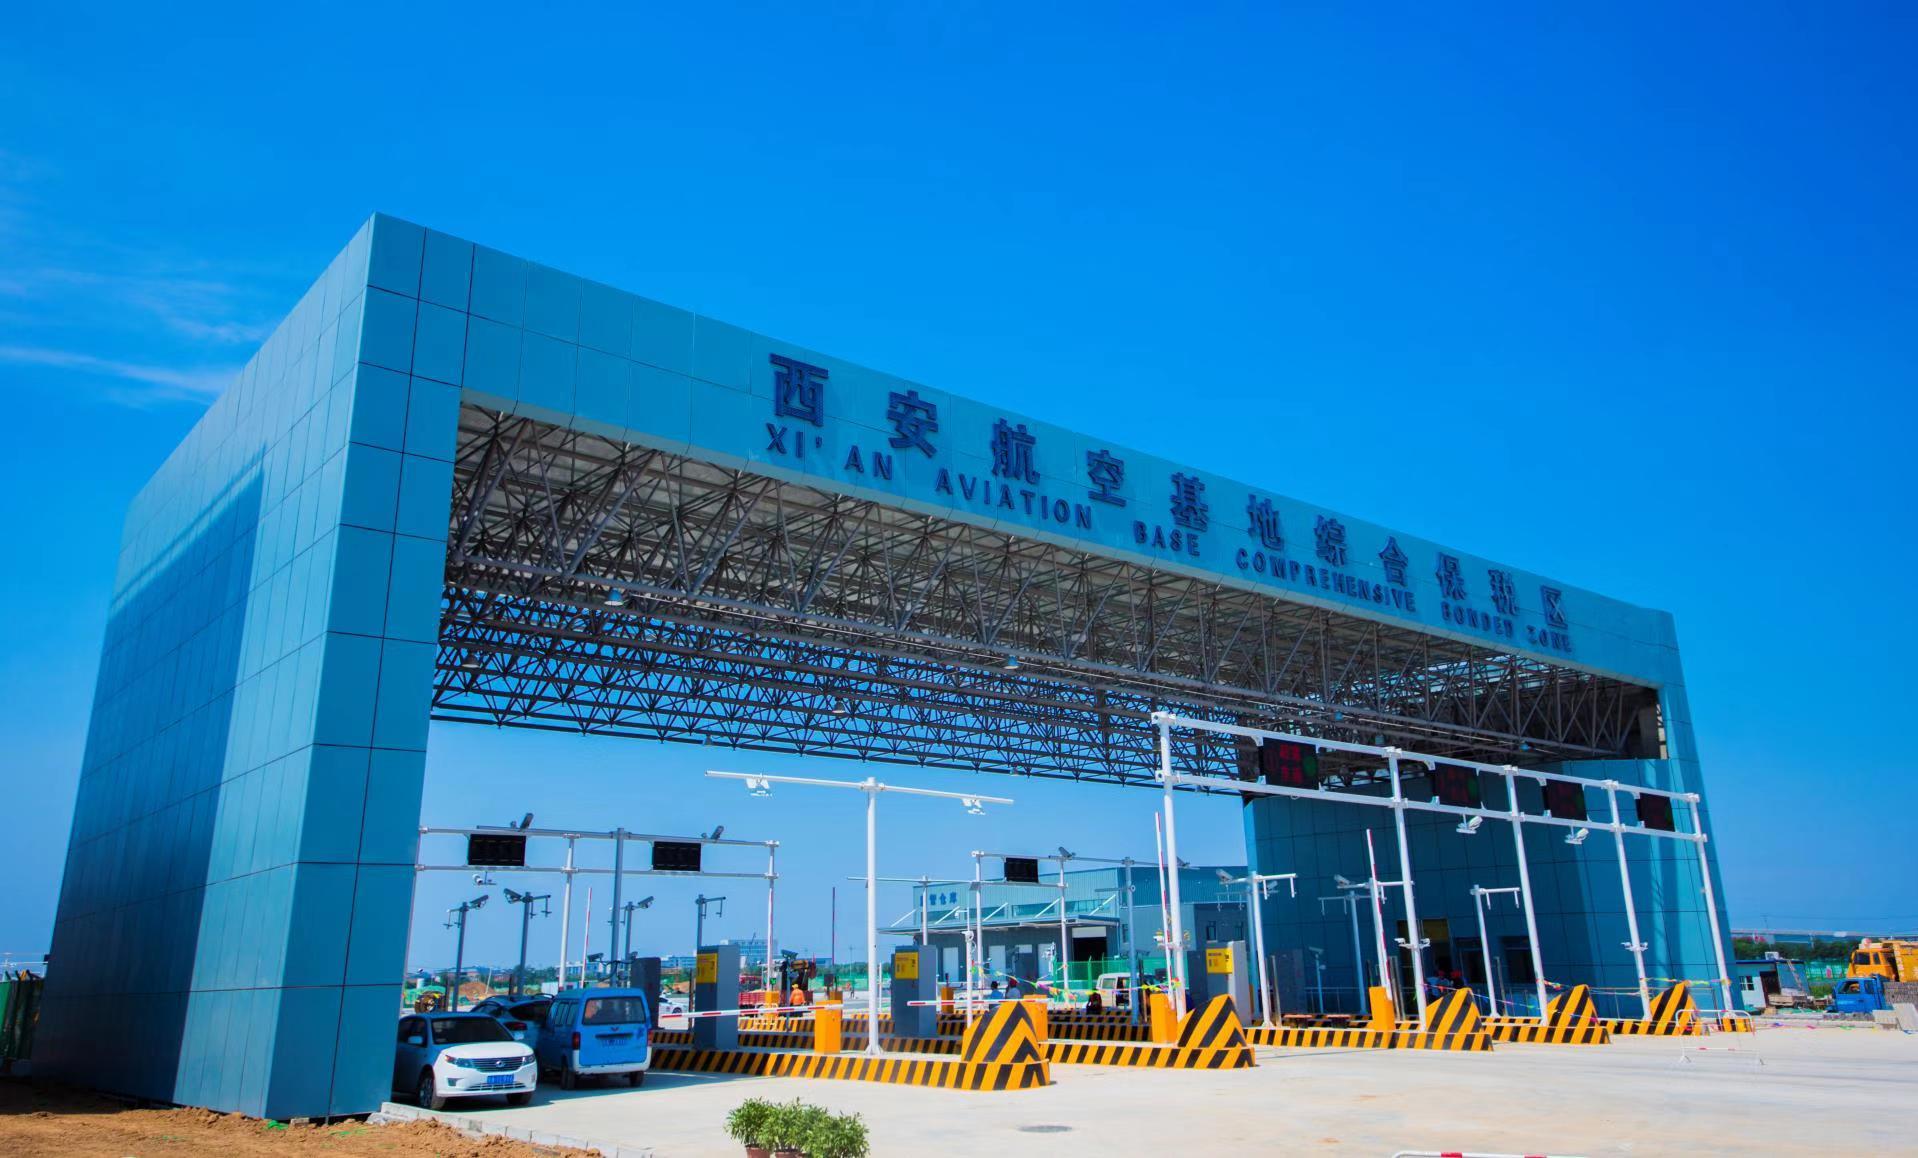 西安航空基地综合保税区(一期)正式通过国家验收